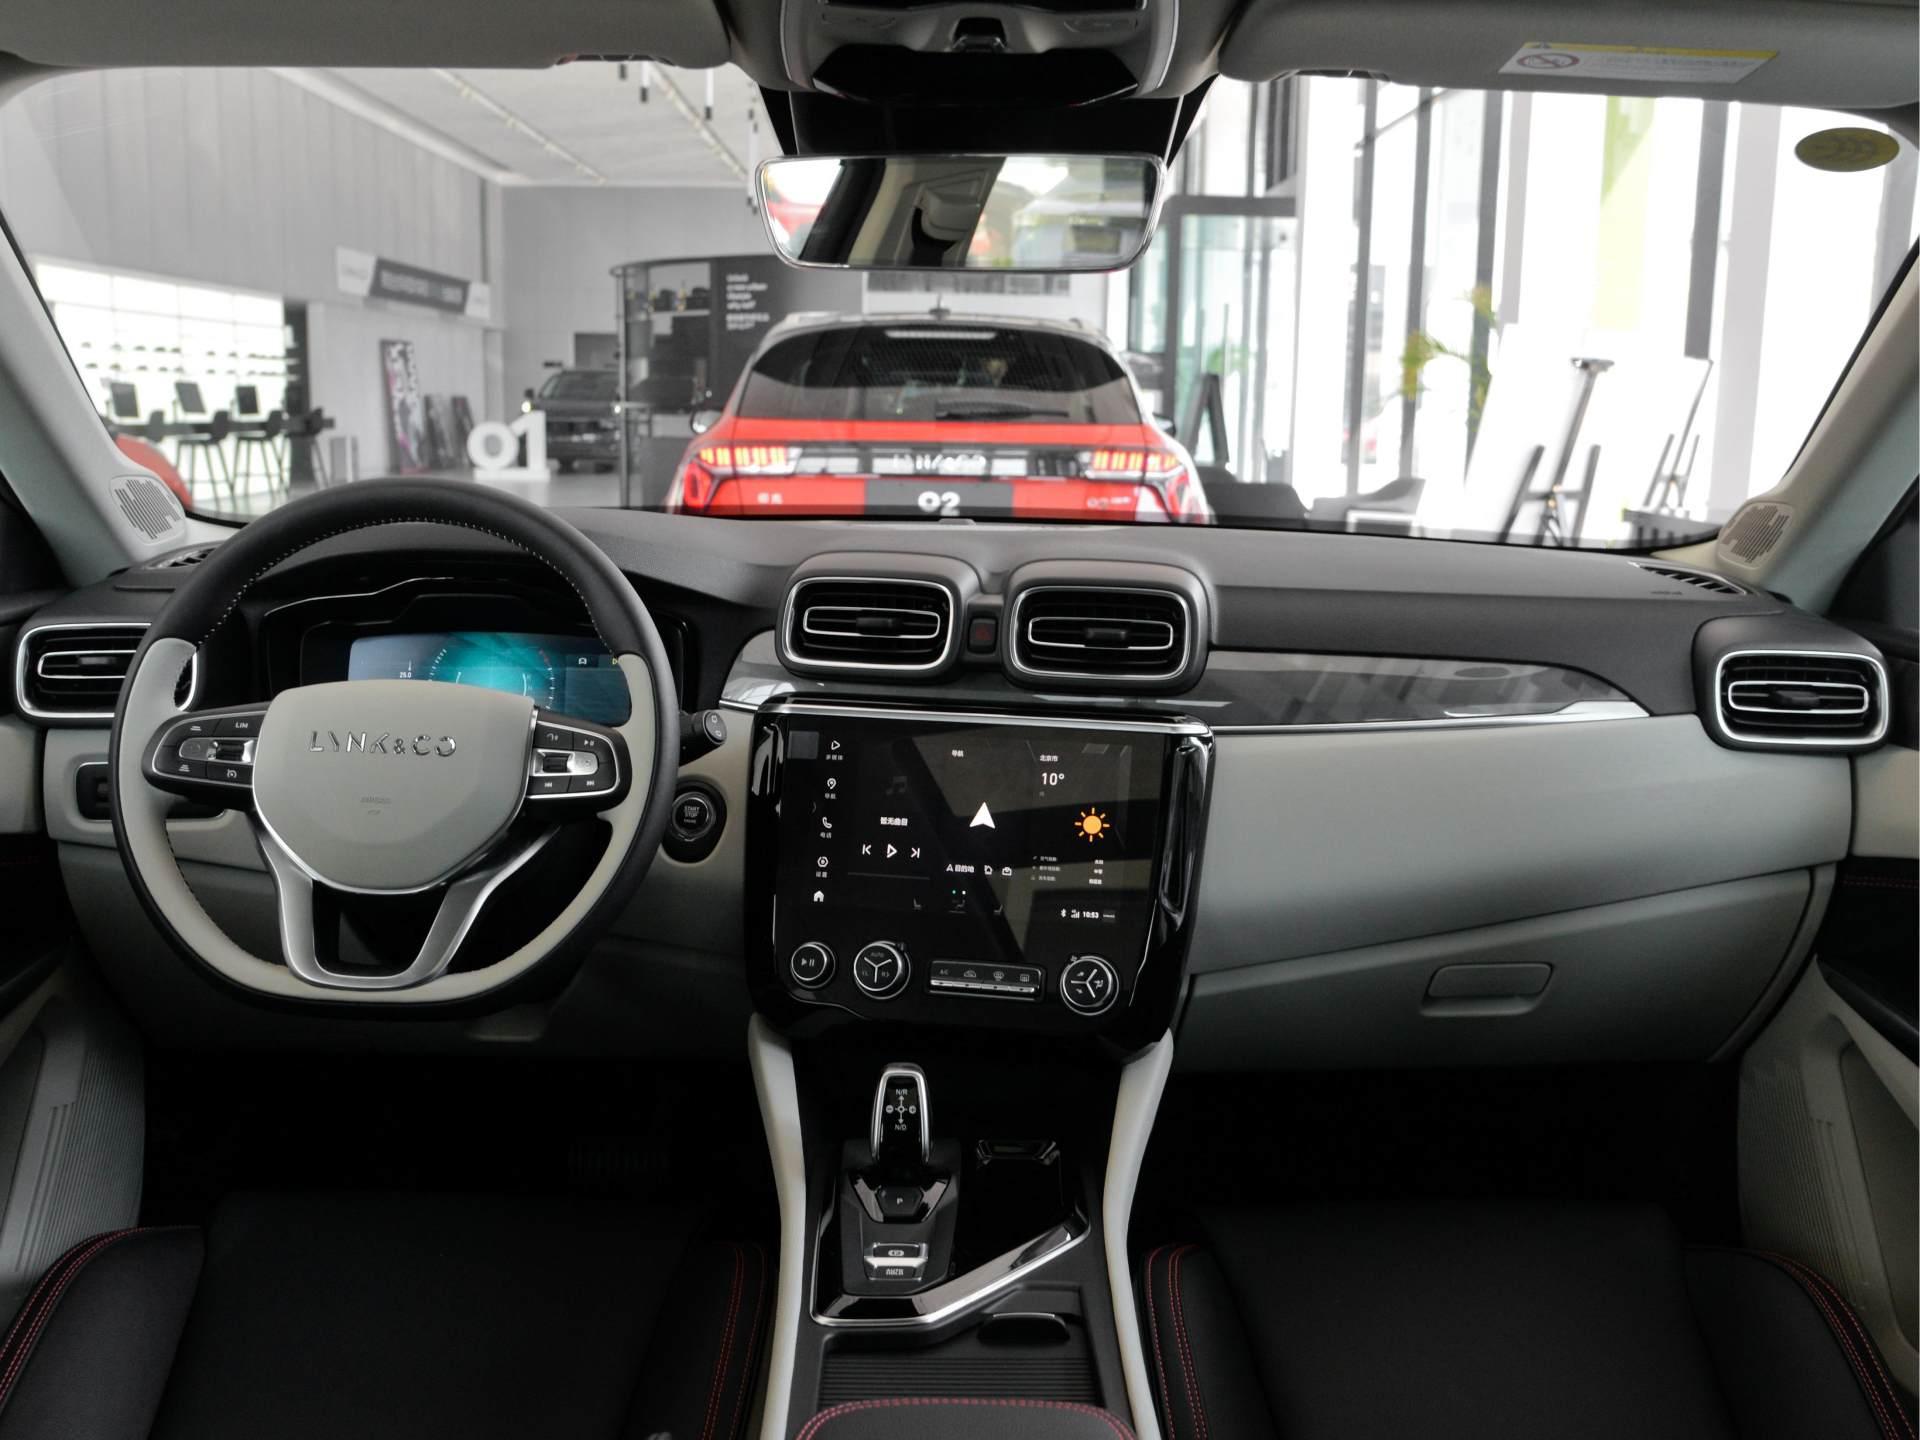 領克的SUV領克02:高配2.0T+6AT,軸距超2.7米,1萬元能接受嗎-圖5